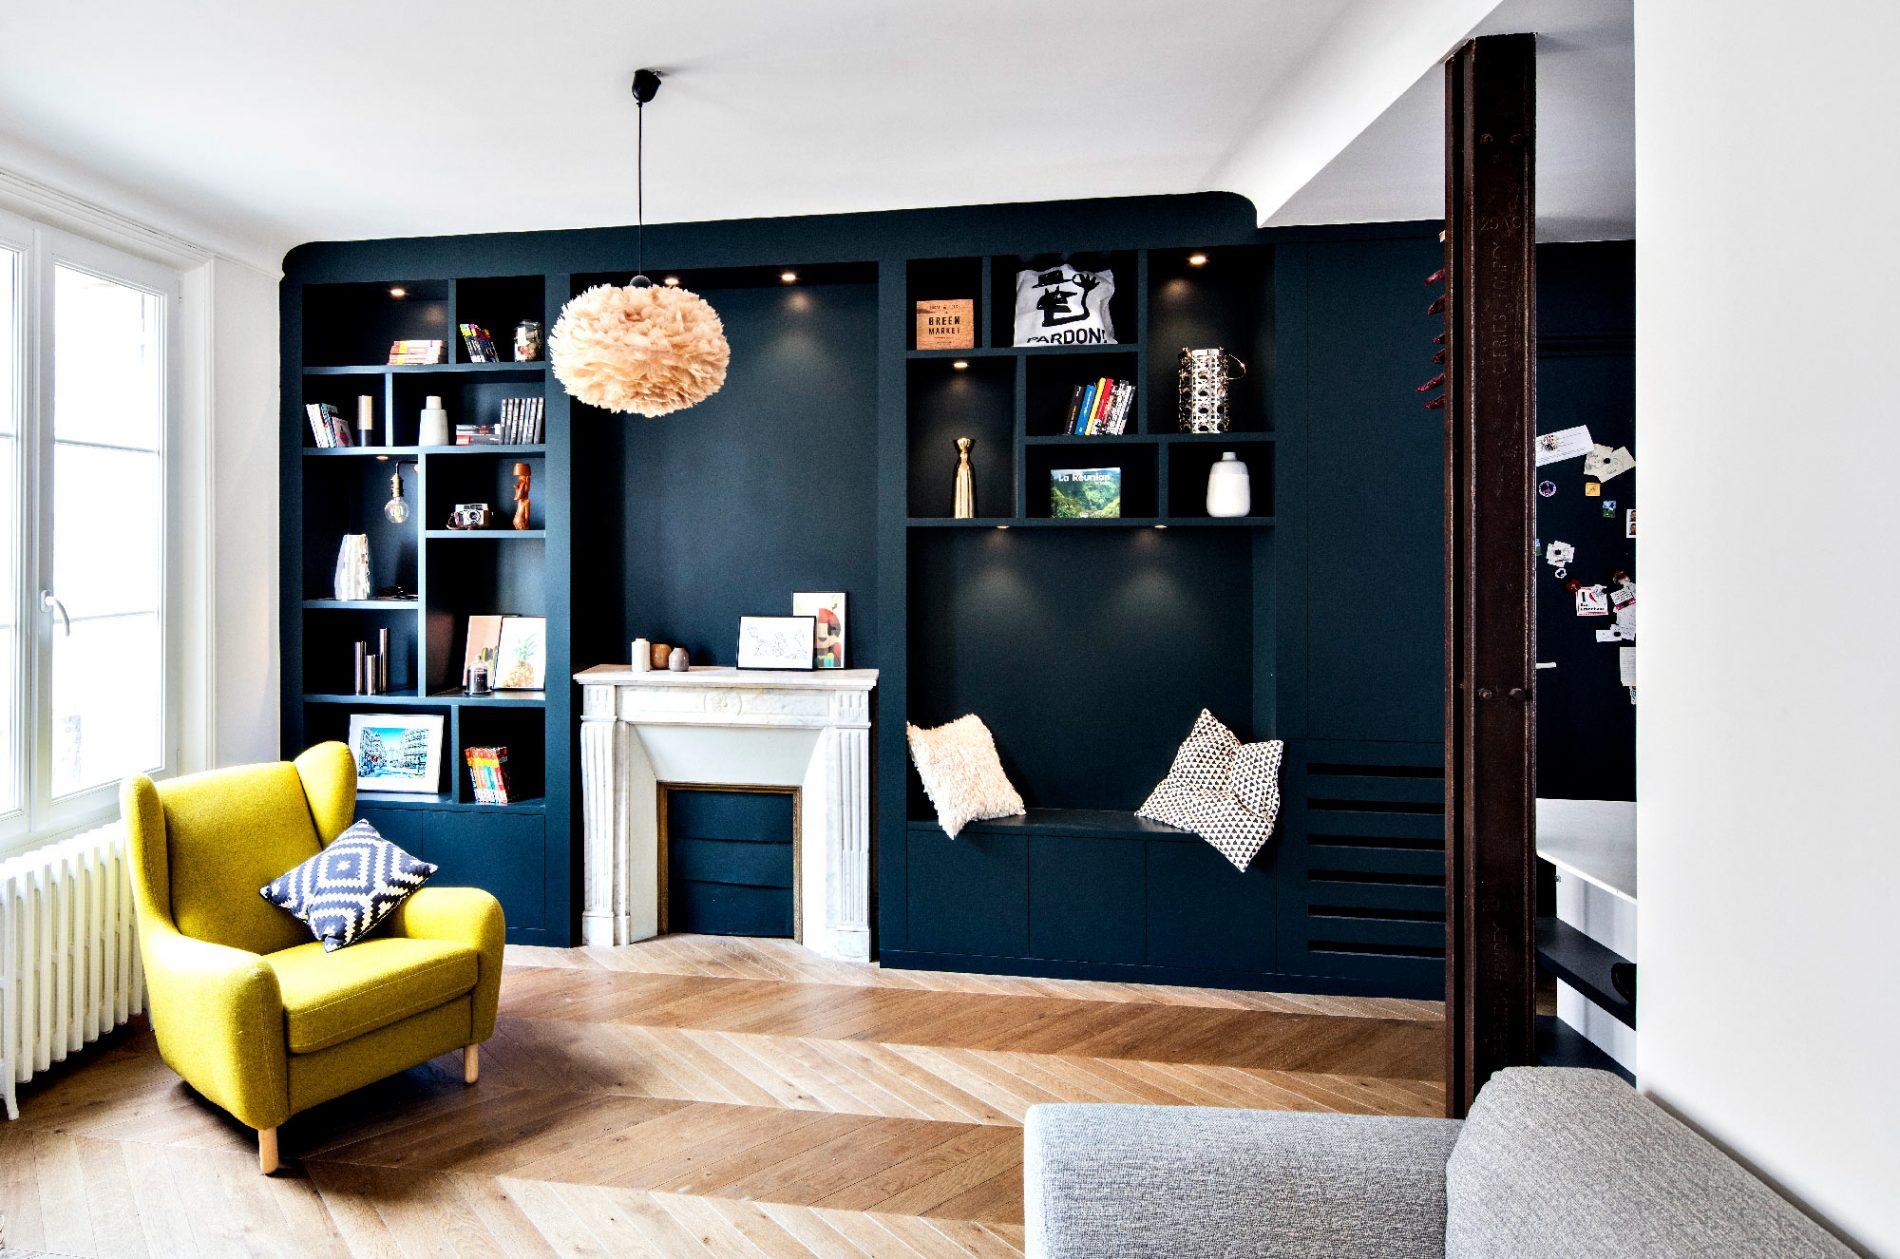 Etagères bleues autours d'une cheminée dans un appartement haussmannien - vue de côté